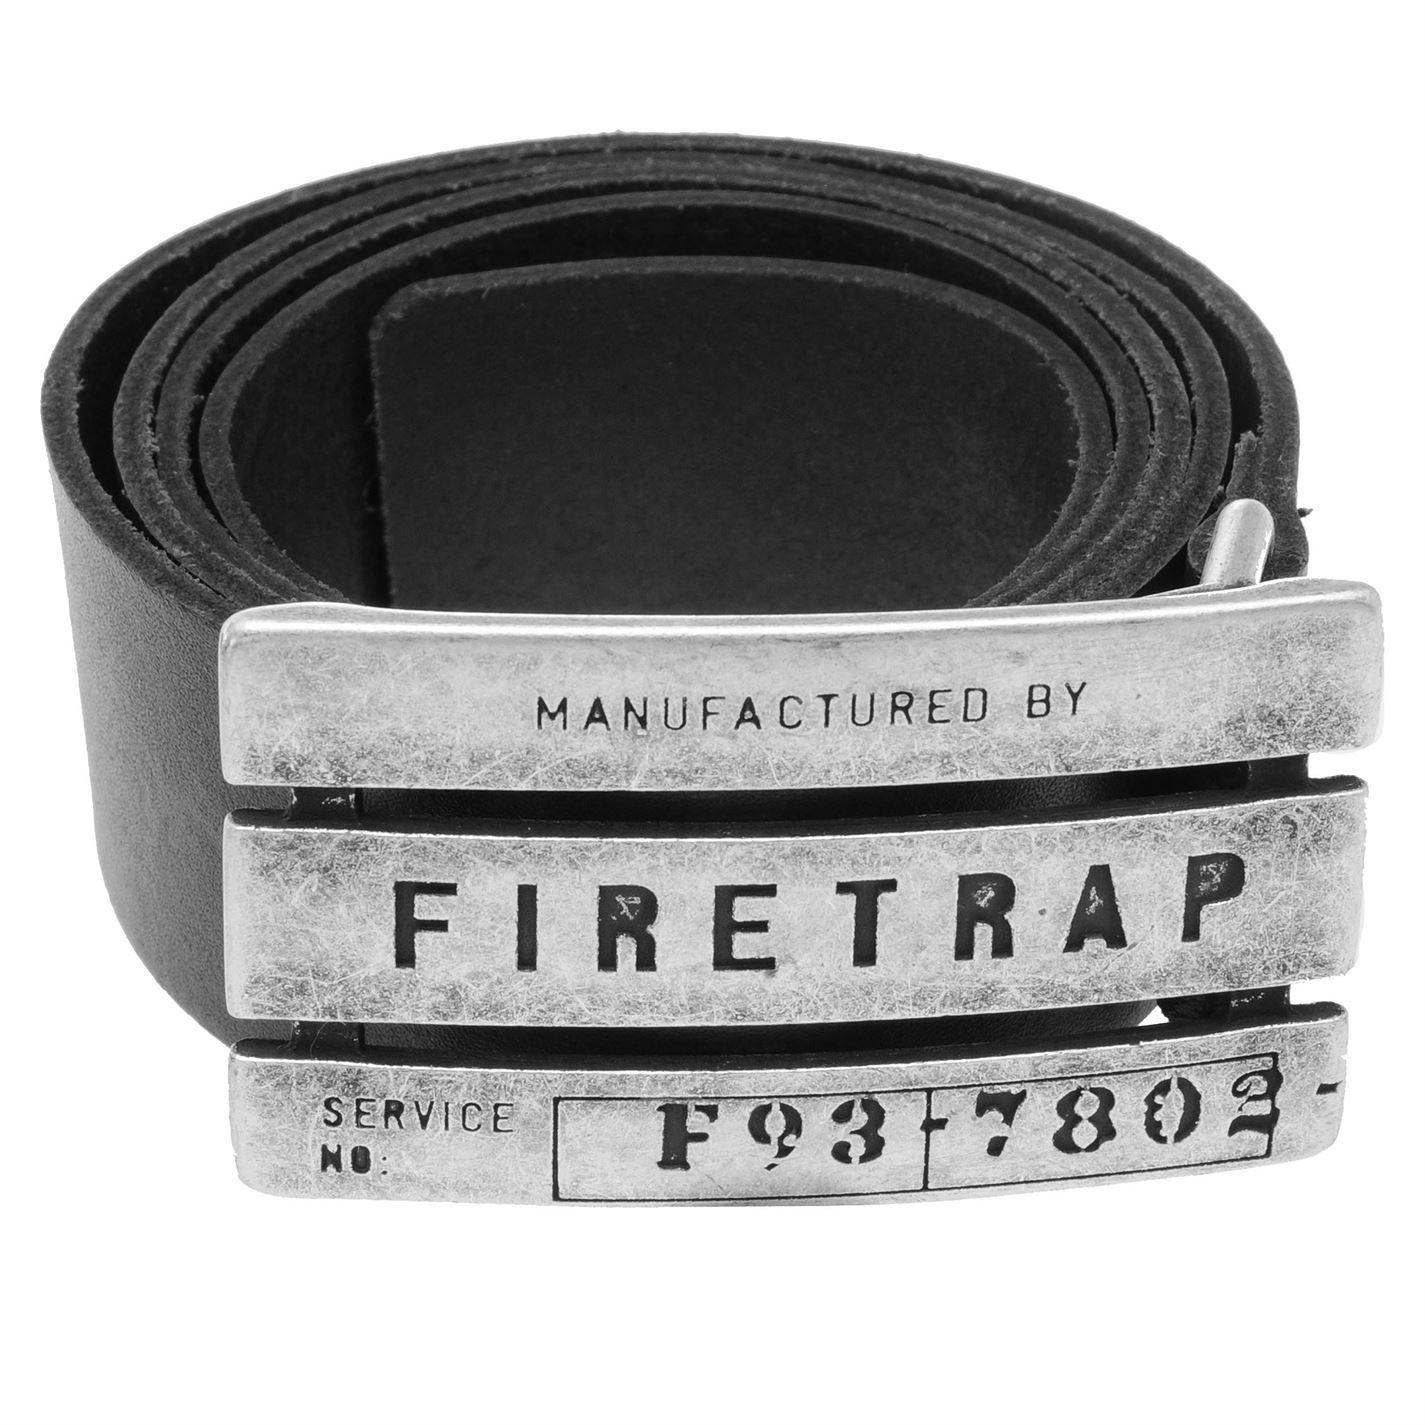 Firetrap-Mens-Gents-Gate-Belt-Stylish-Everyday-Wear-Buckle-Logo-Branded